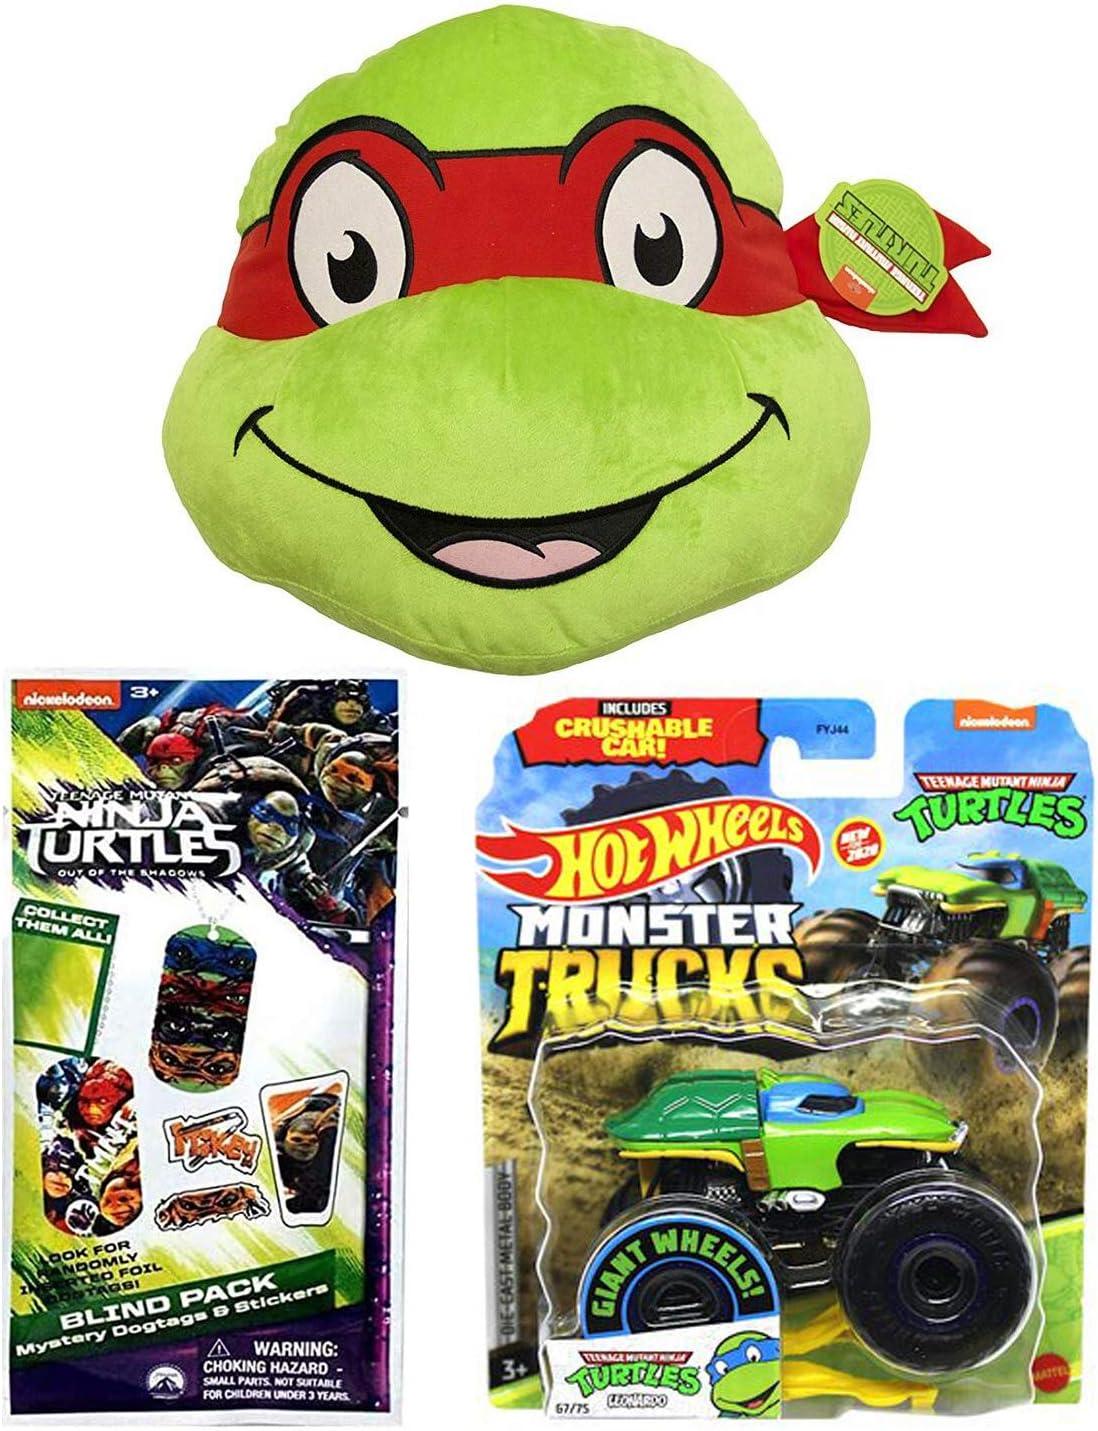 Hot Wheels Leonardo Teenage Mutant Ninja Turtles Character Car Diecast 1:64